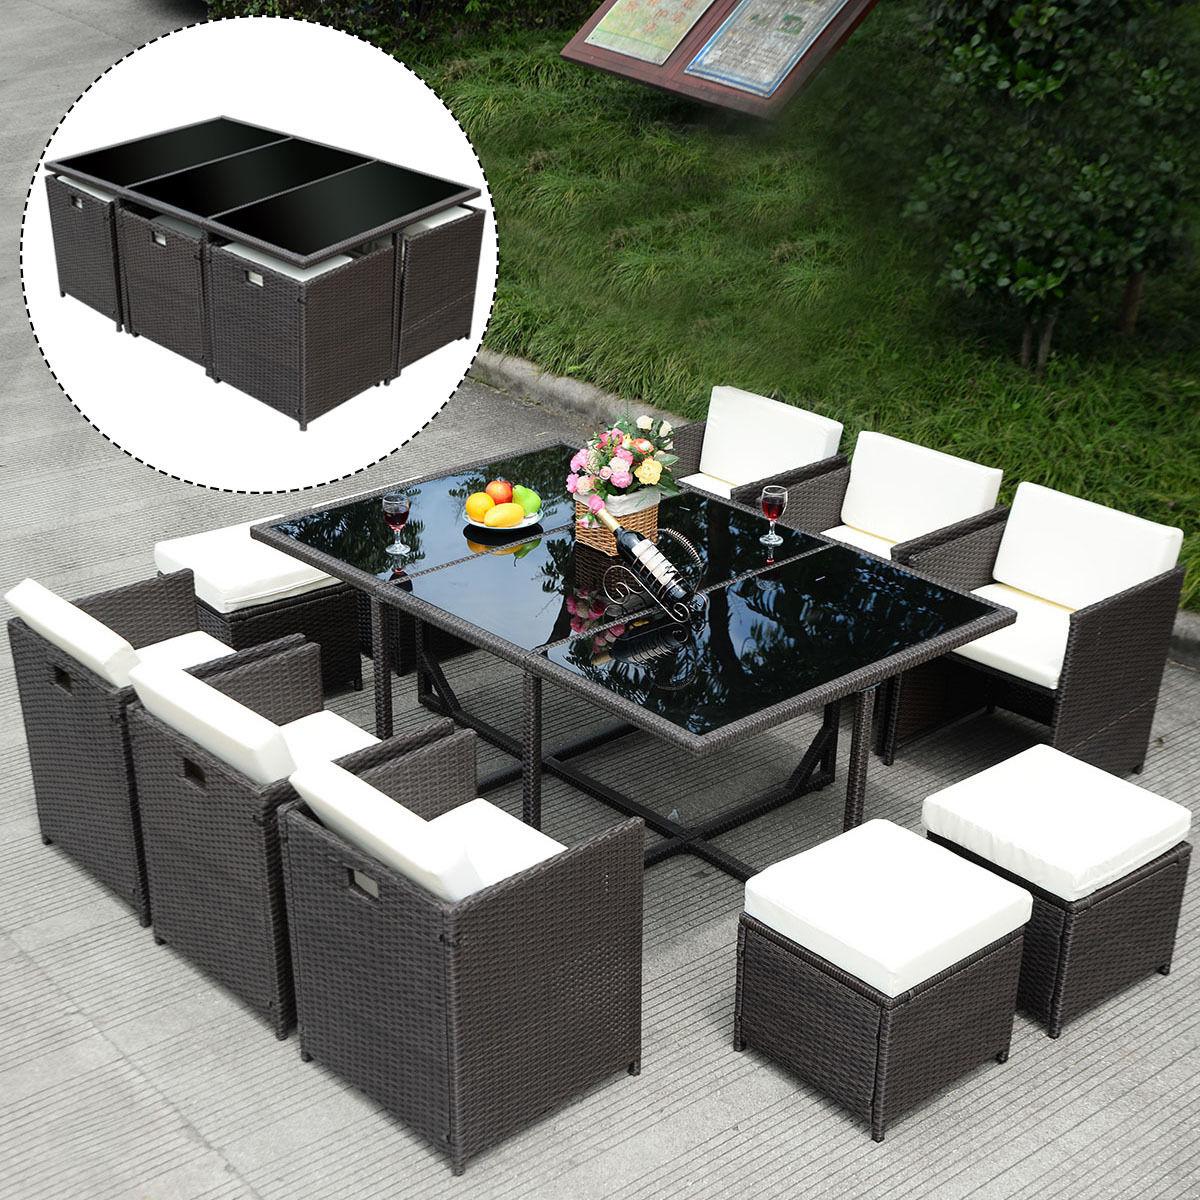 costway 11 pcs outdoor patio dining set metal rattan wicker furniture  garden RTPVMDK